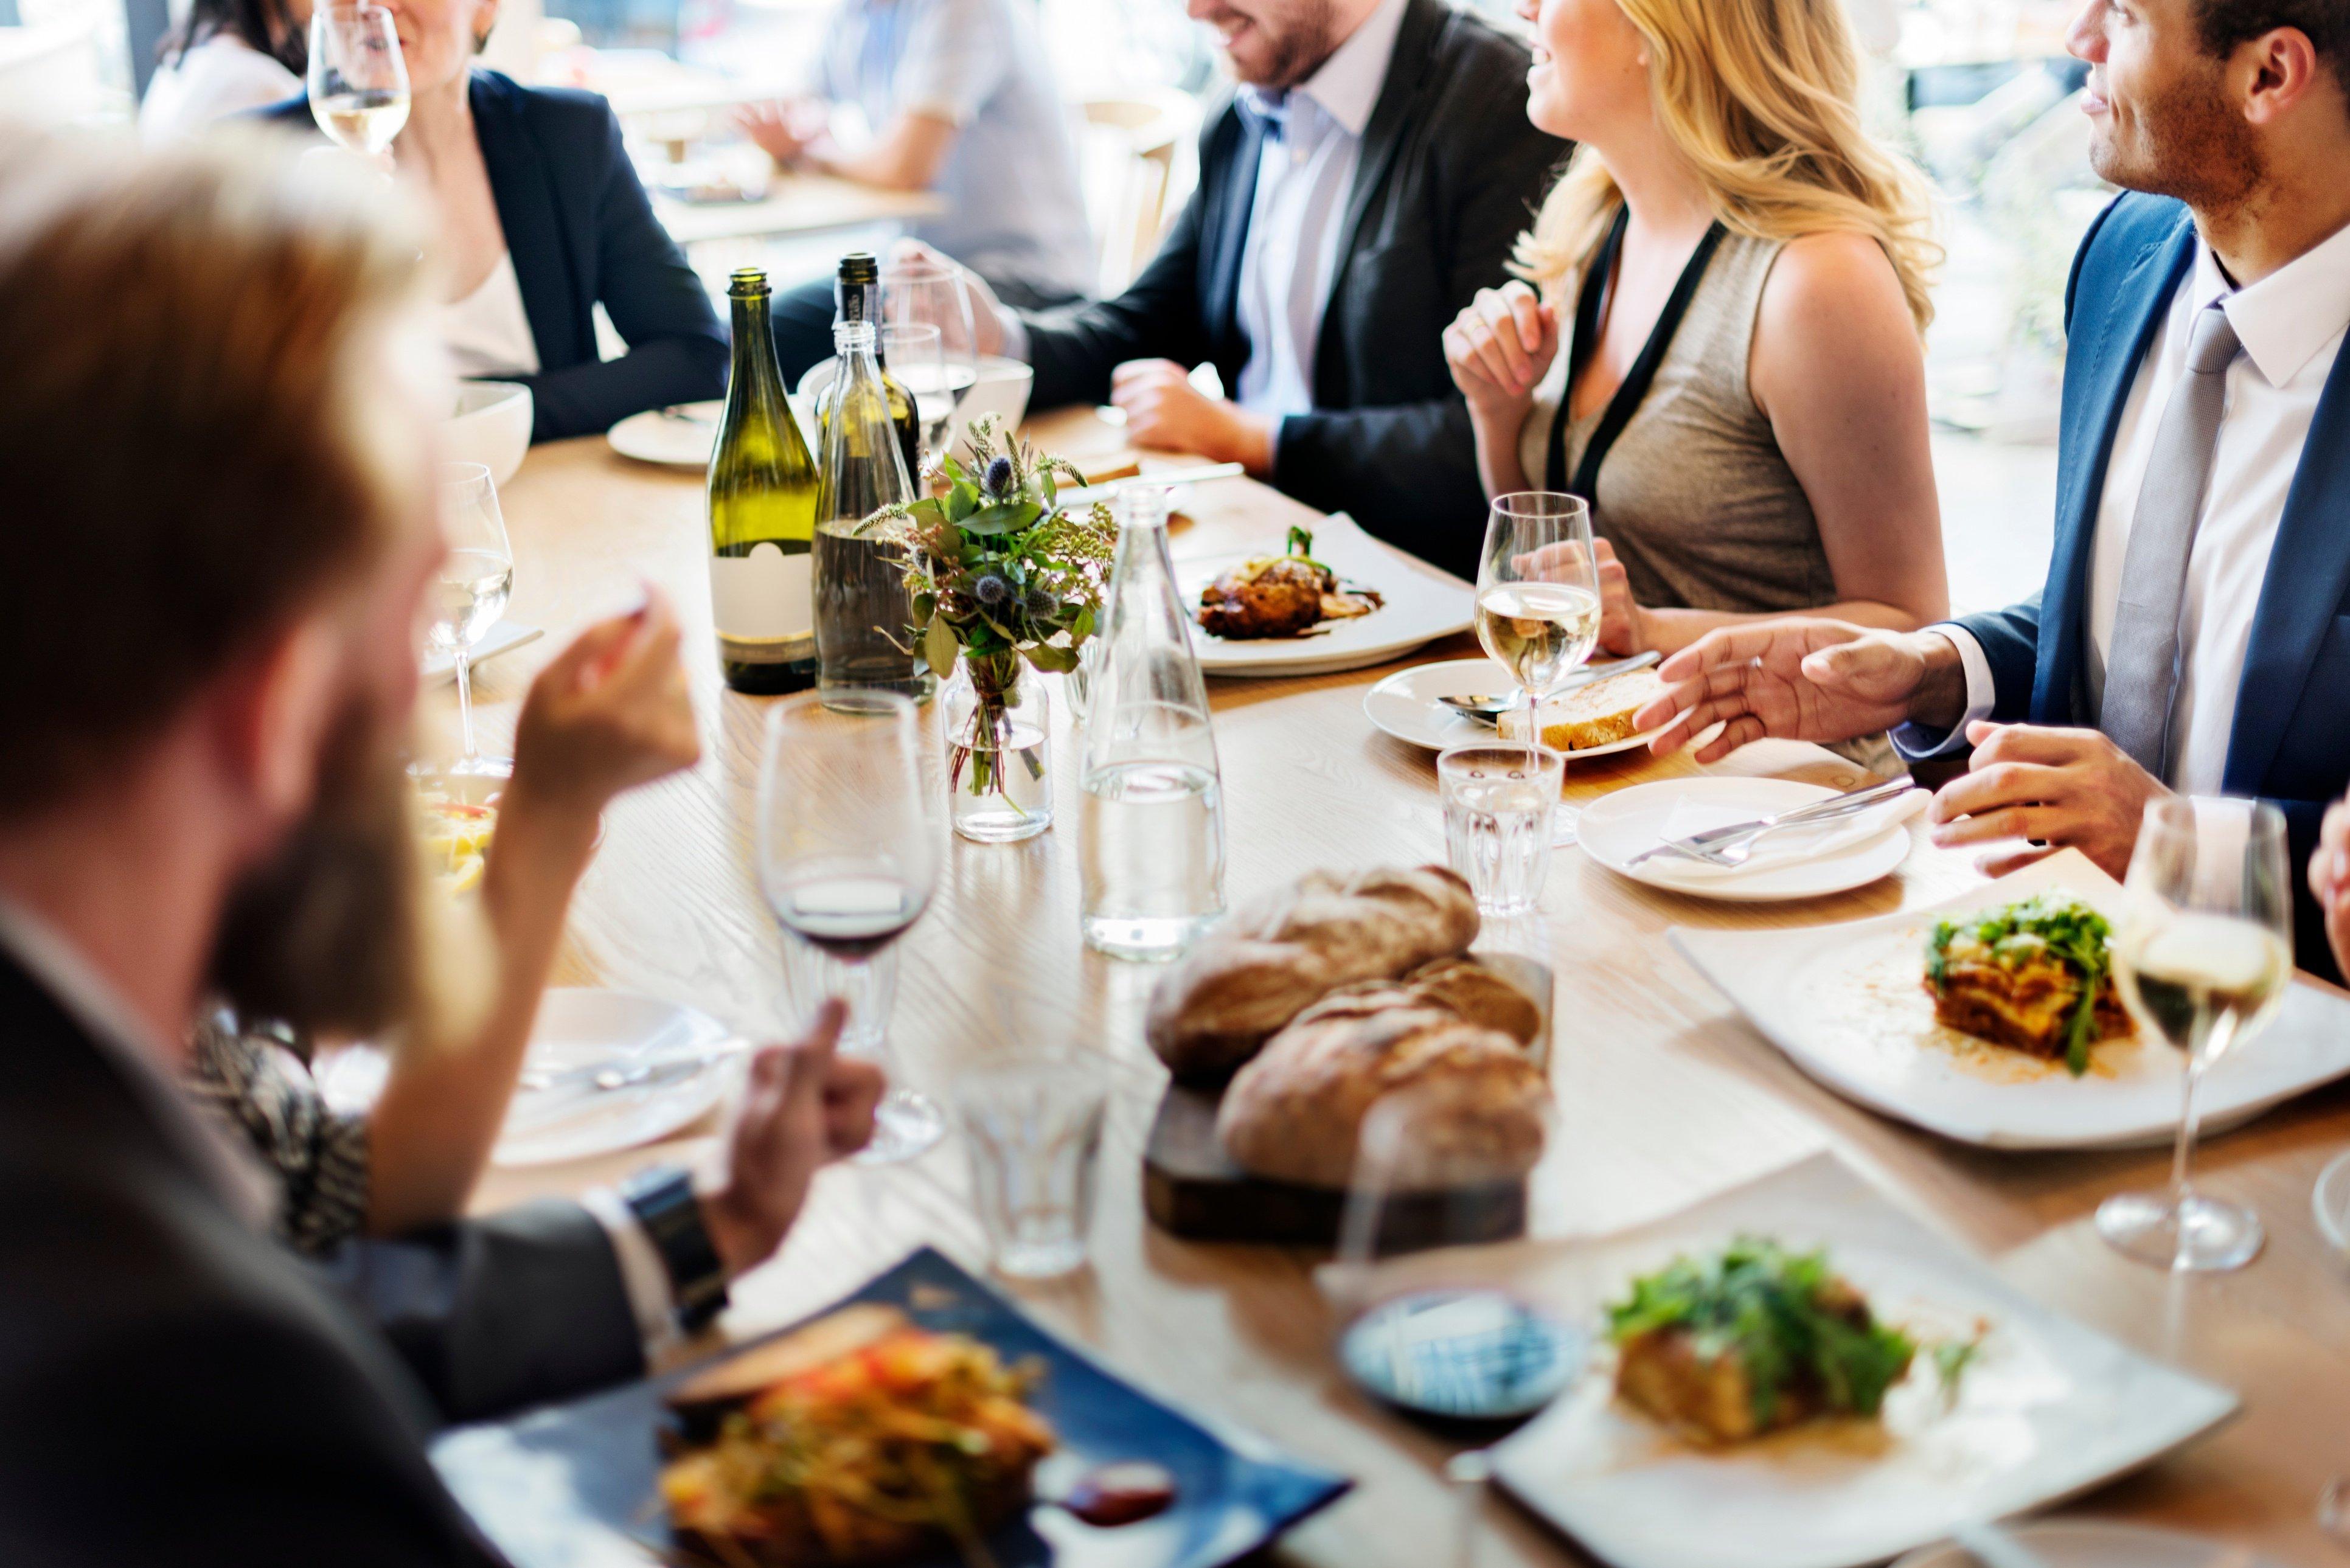 Conseils pour un repas d'affaires réussi